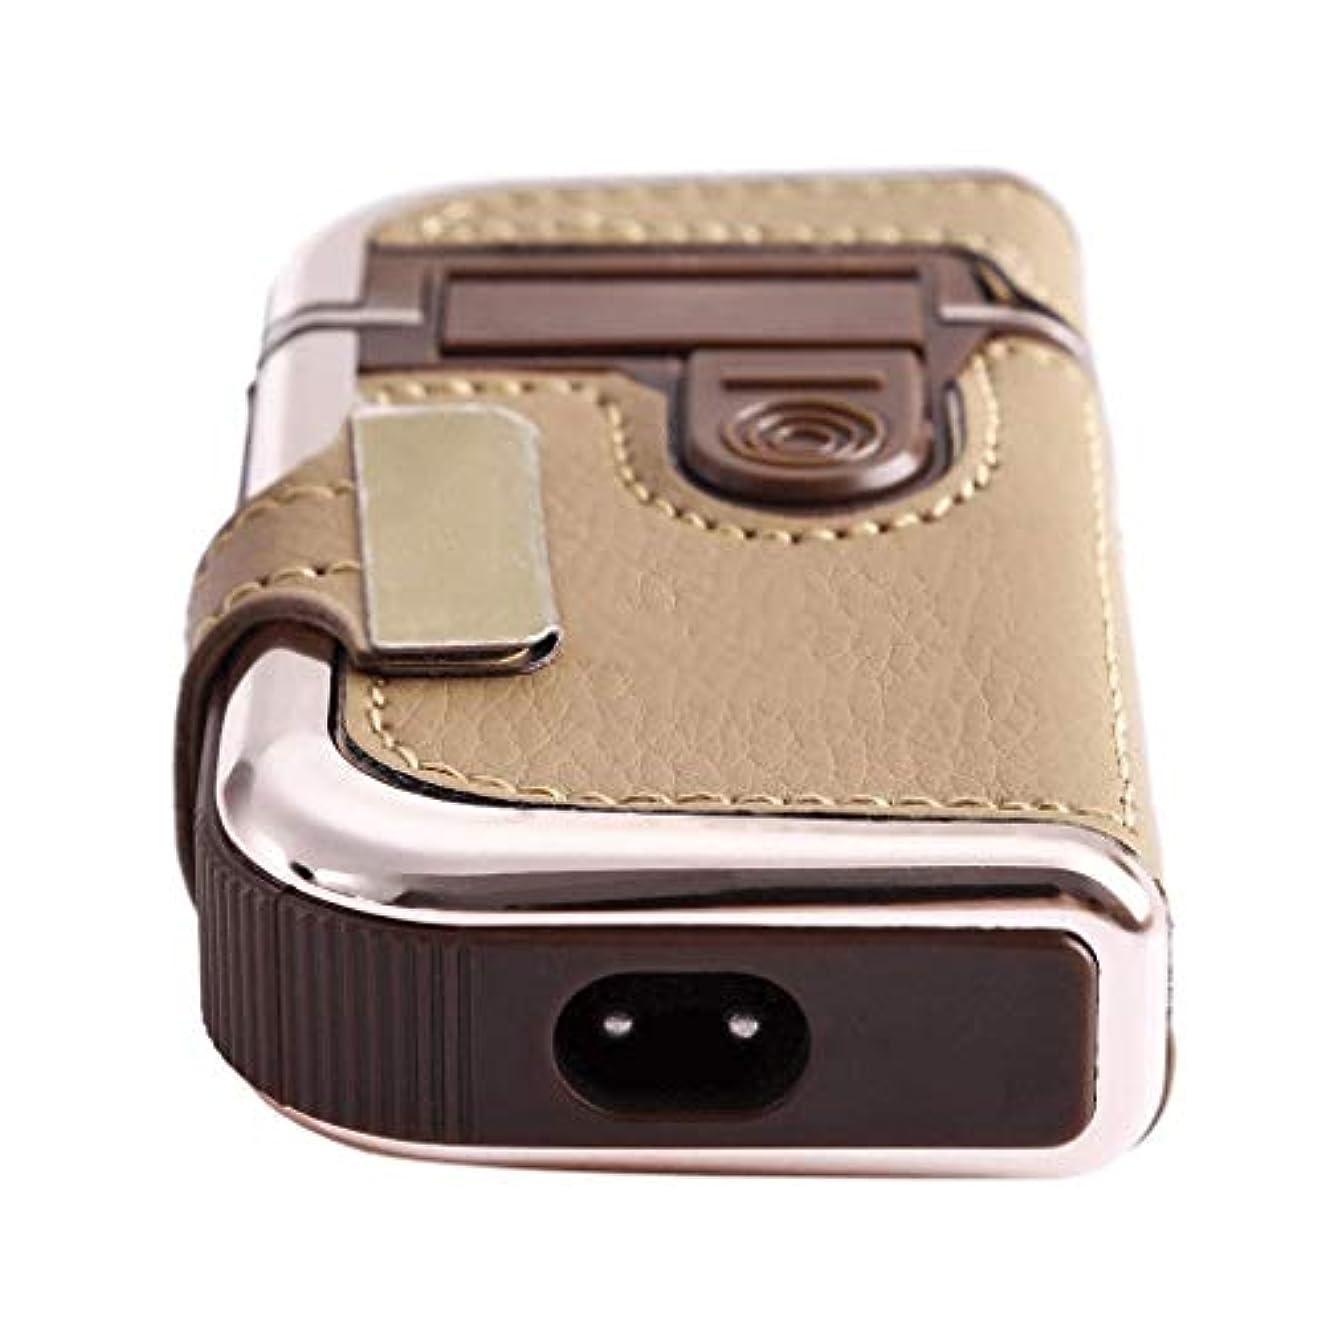 扇動モニカ層LXTXD ポップアップ精密トリマー、充電式とコードレスシェーバーを持つ男性のための電気シェーバー、ウェットとドライの電気かみそり